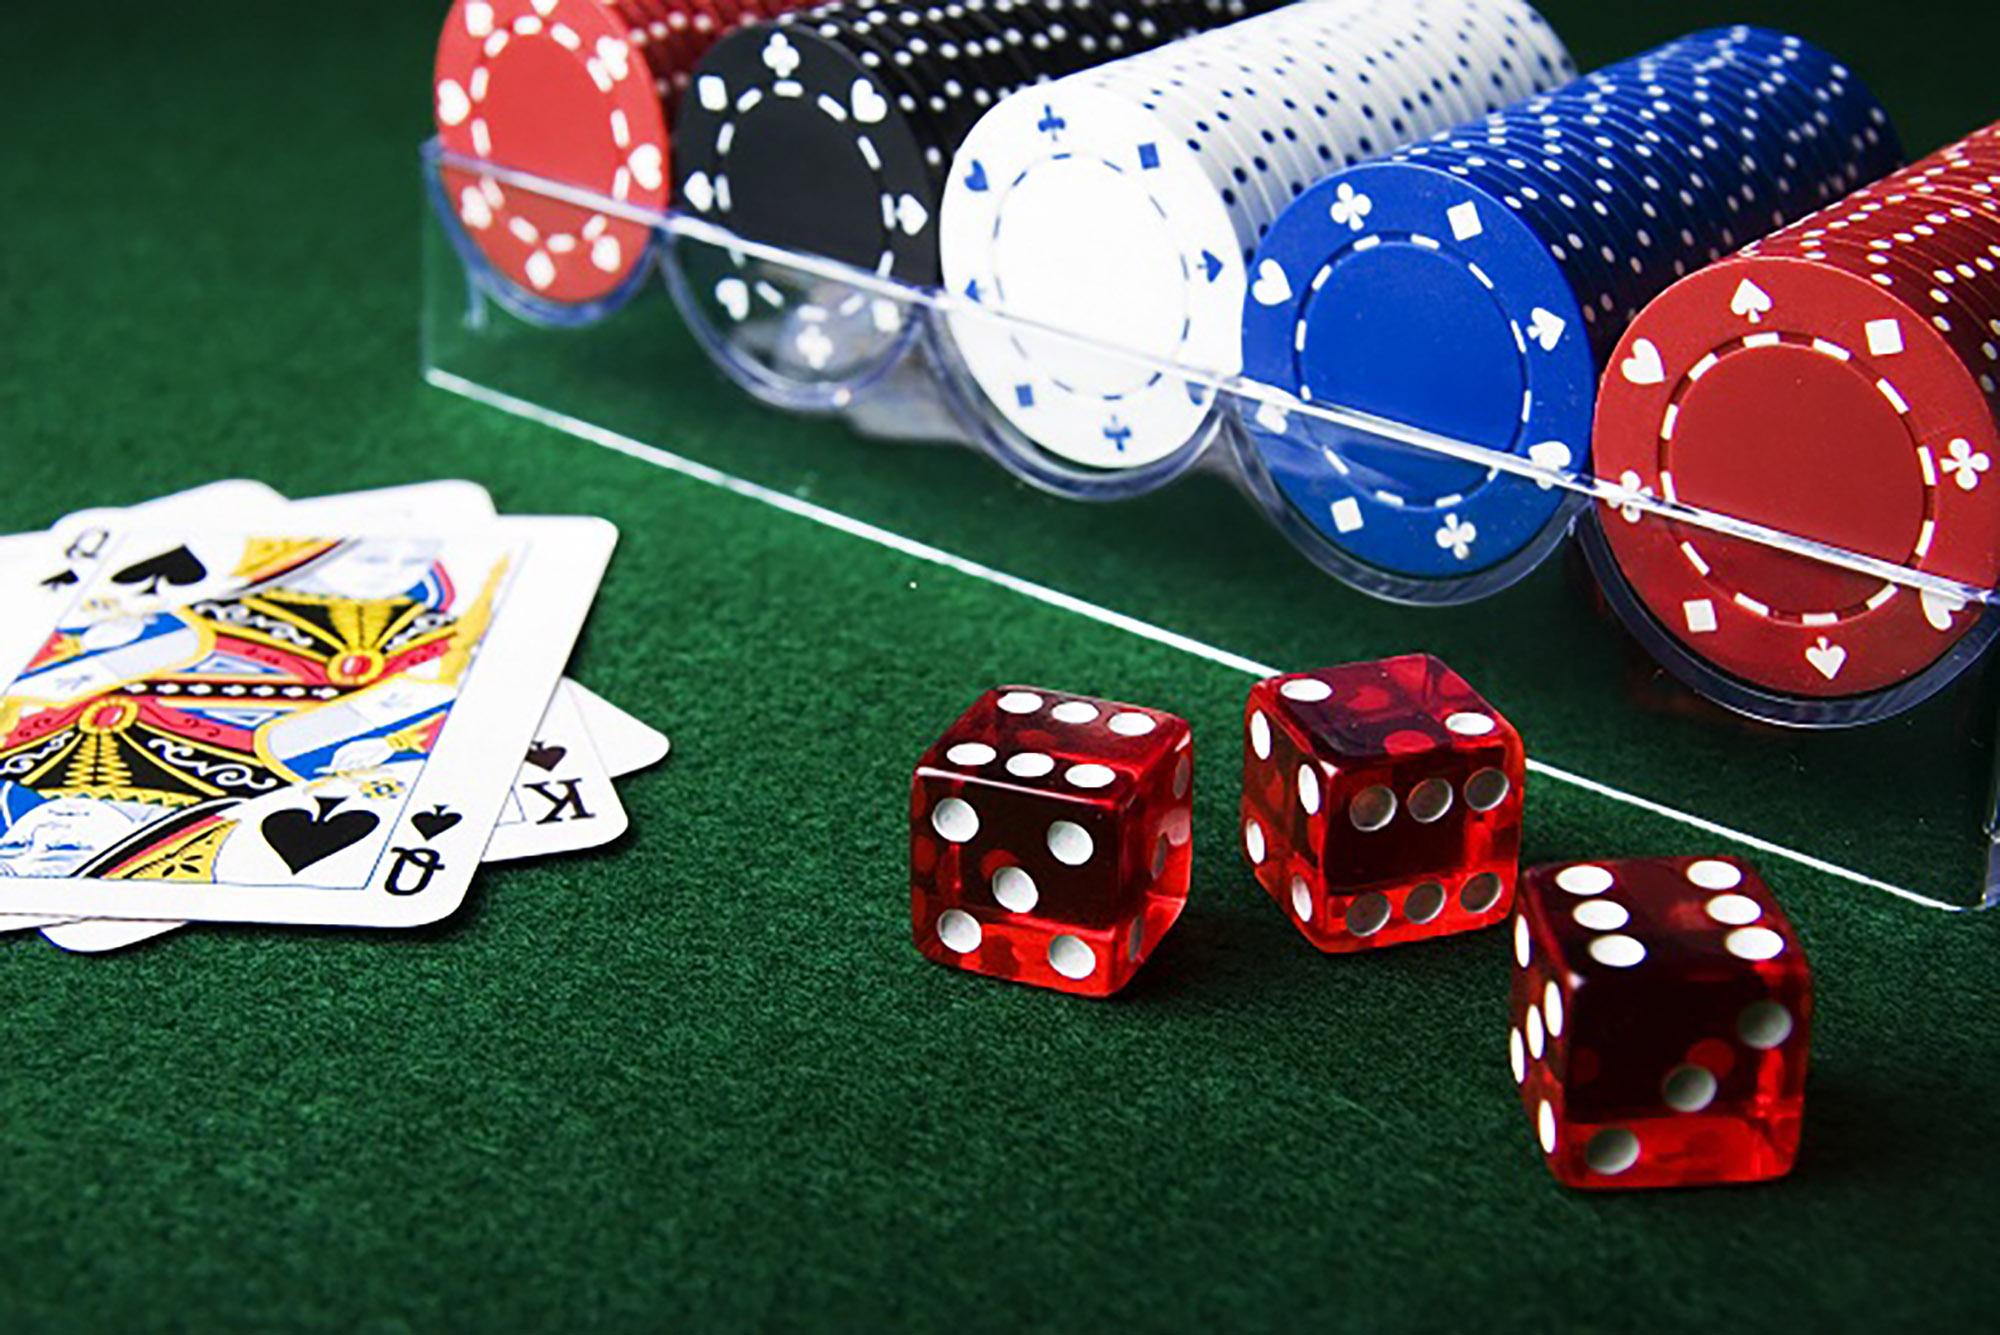 Ищем и находим онлайн казино, где реально дают выиграть